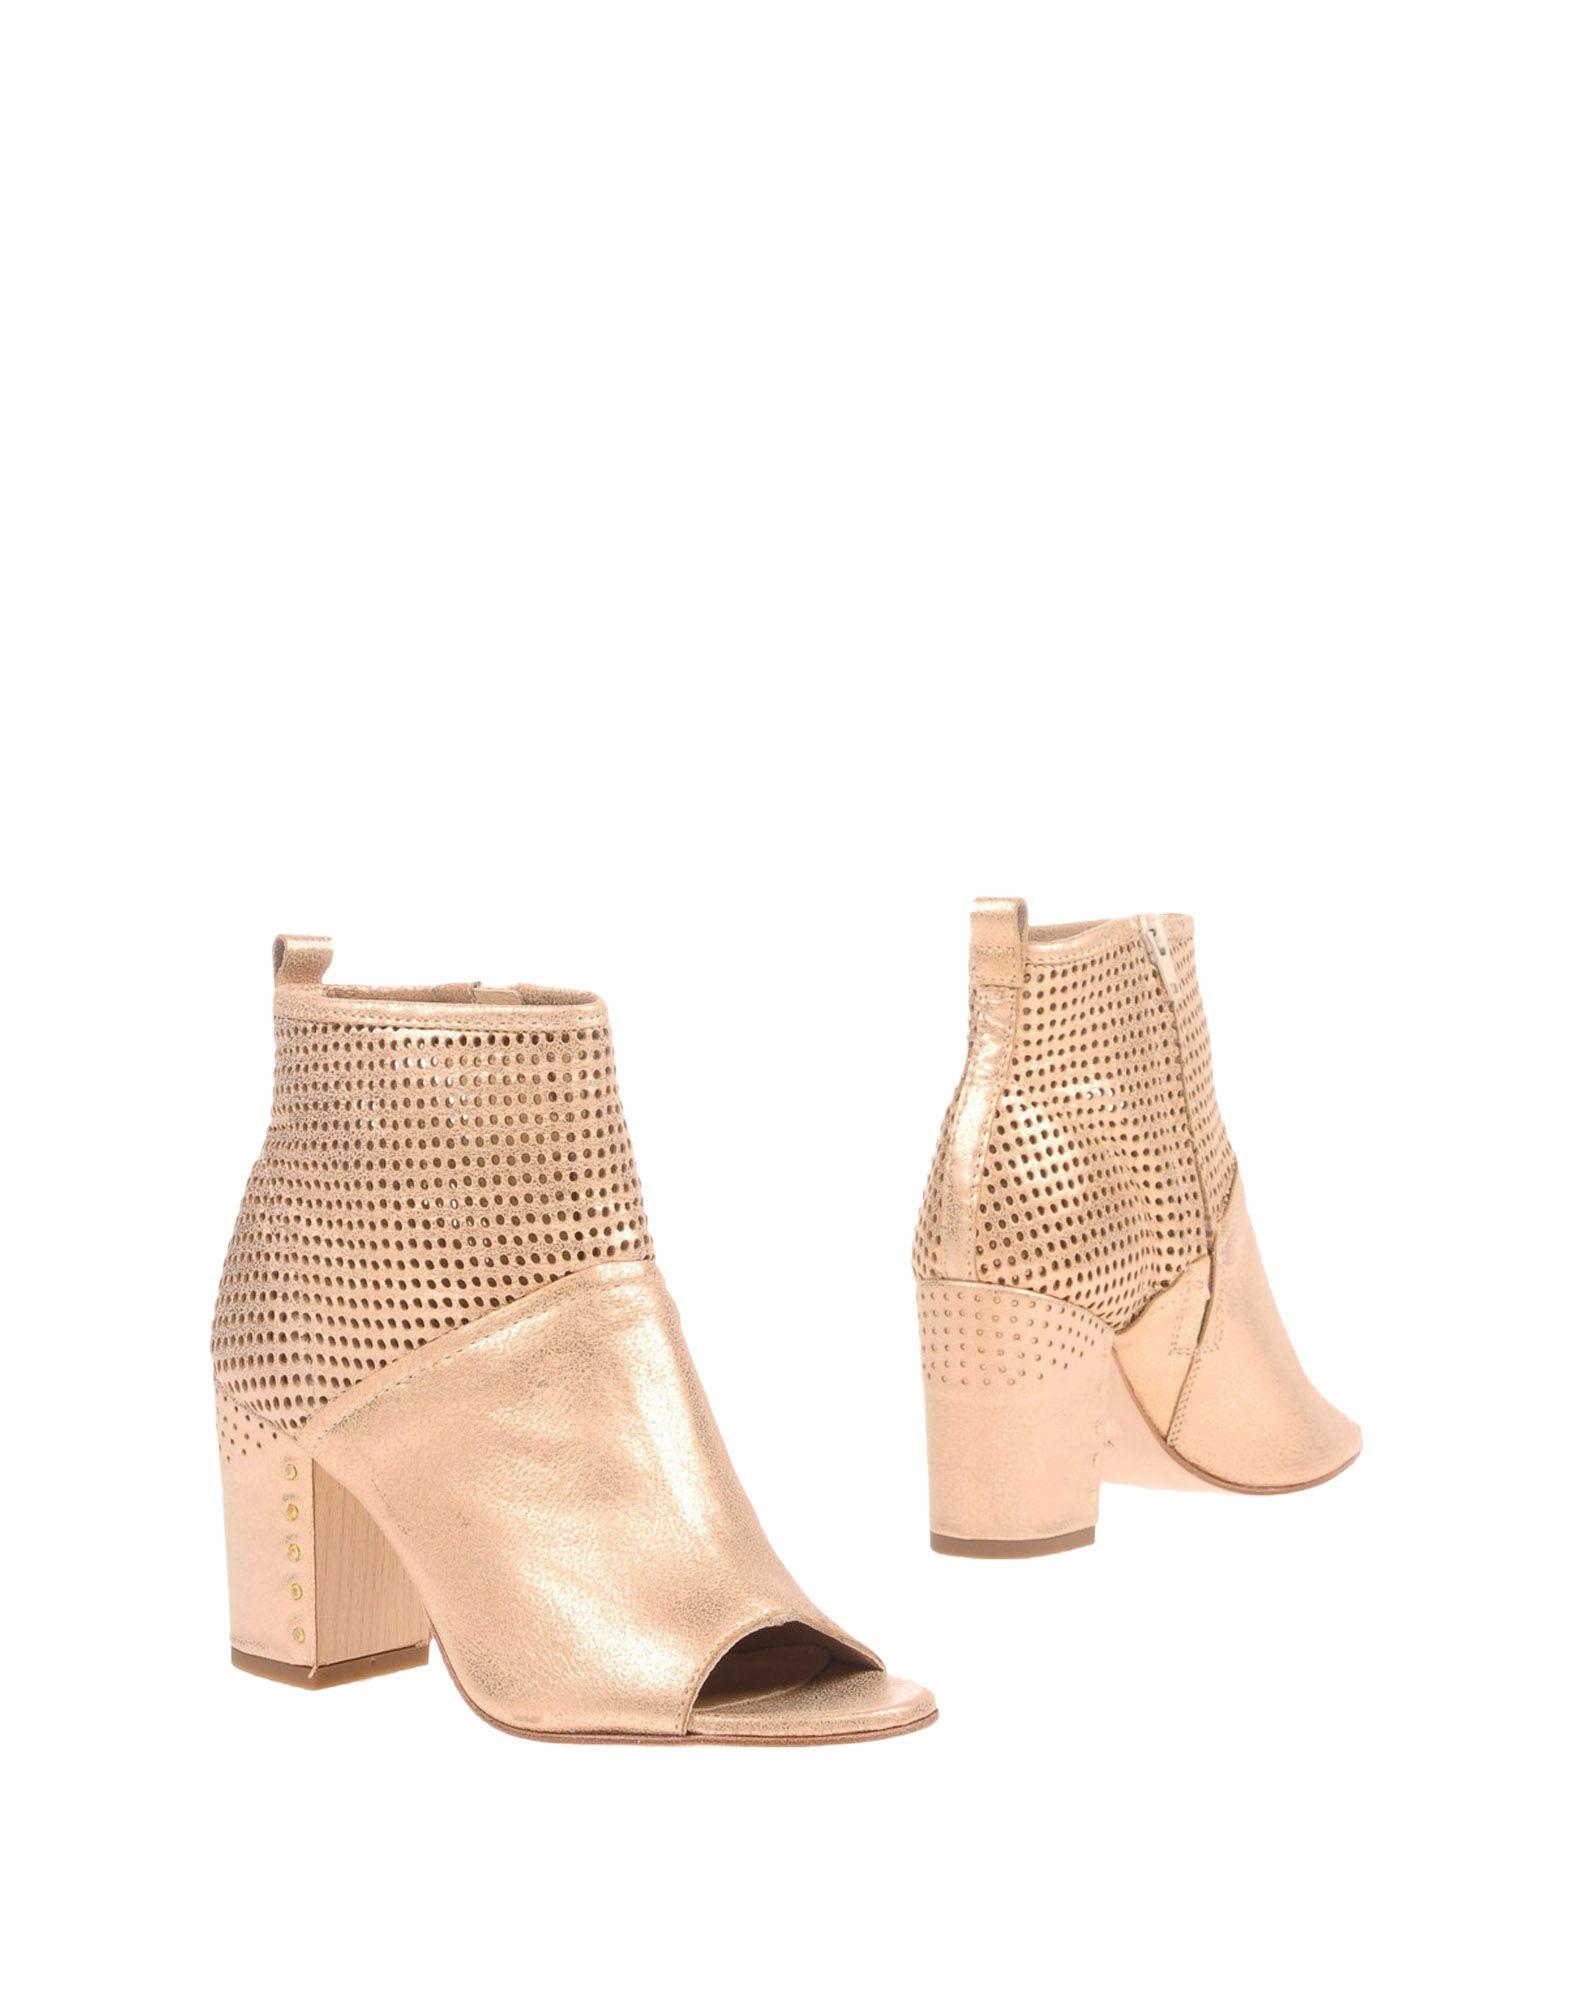 Spaziomoda Stiefelette Damen  11341880CB Gute Qualität beliebte Schuhe